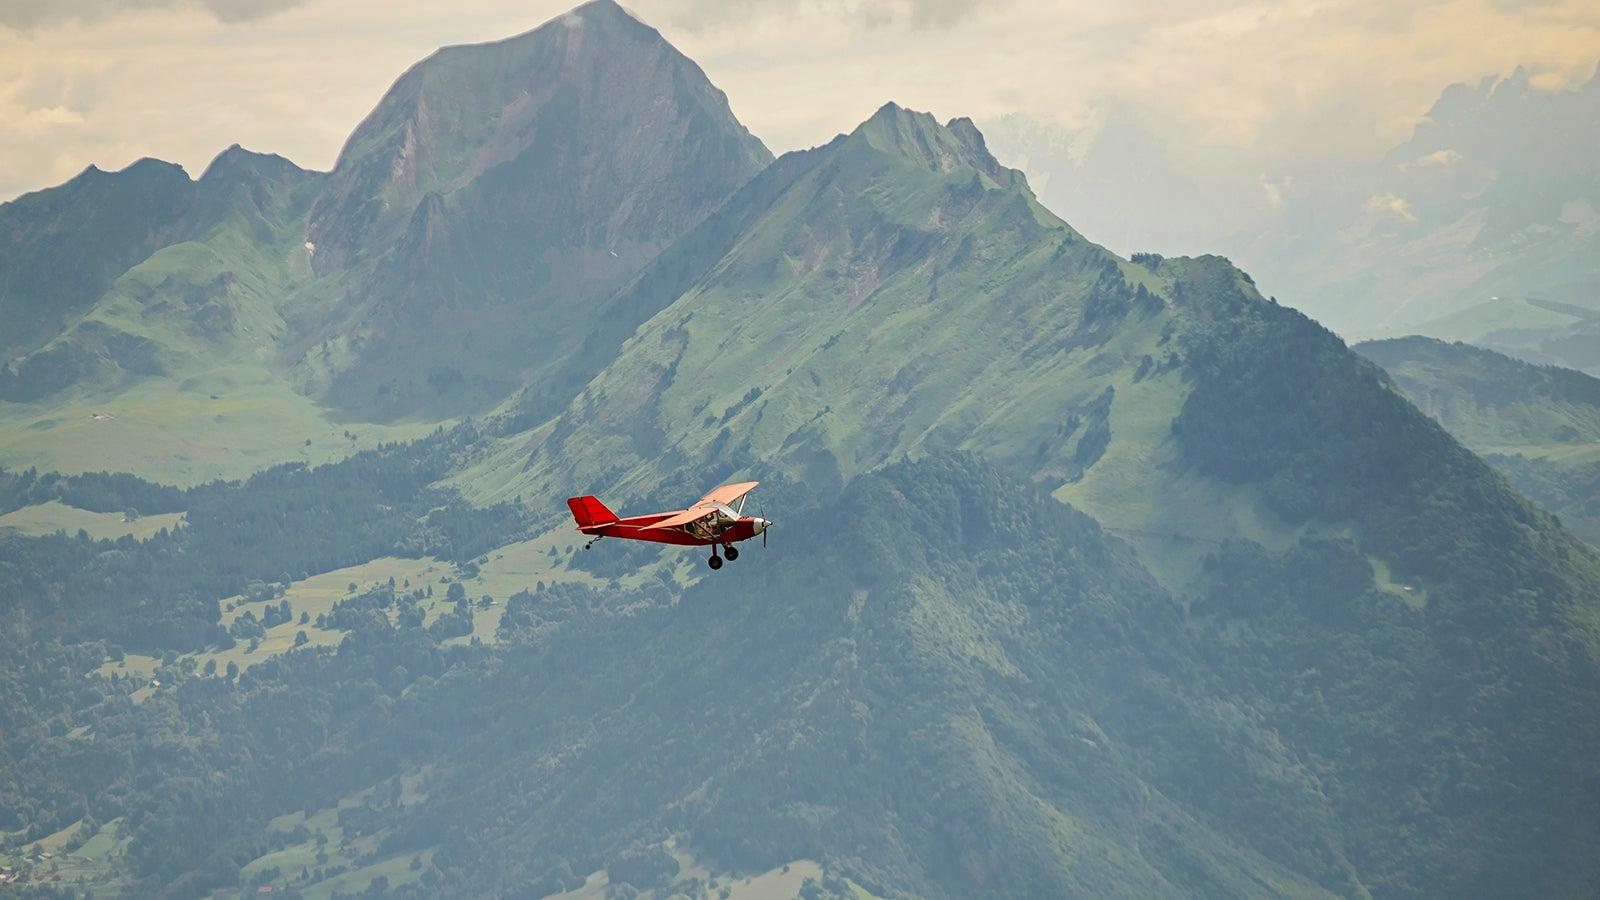 Jüngster Pilot der Welt: 18-Jähriger umrundet den Globus in 76 Tagen